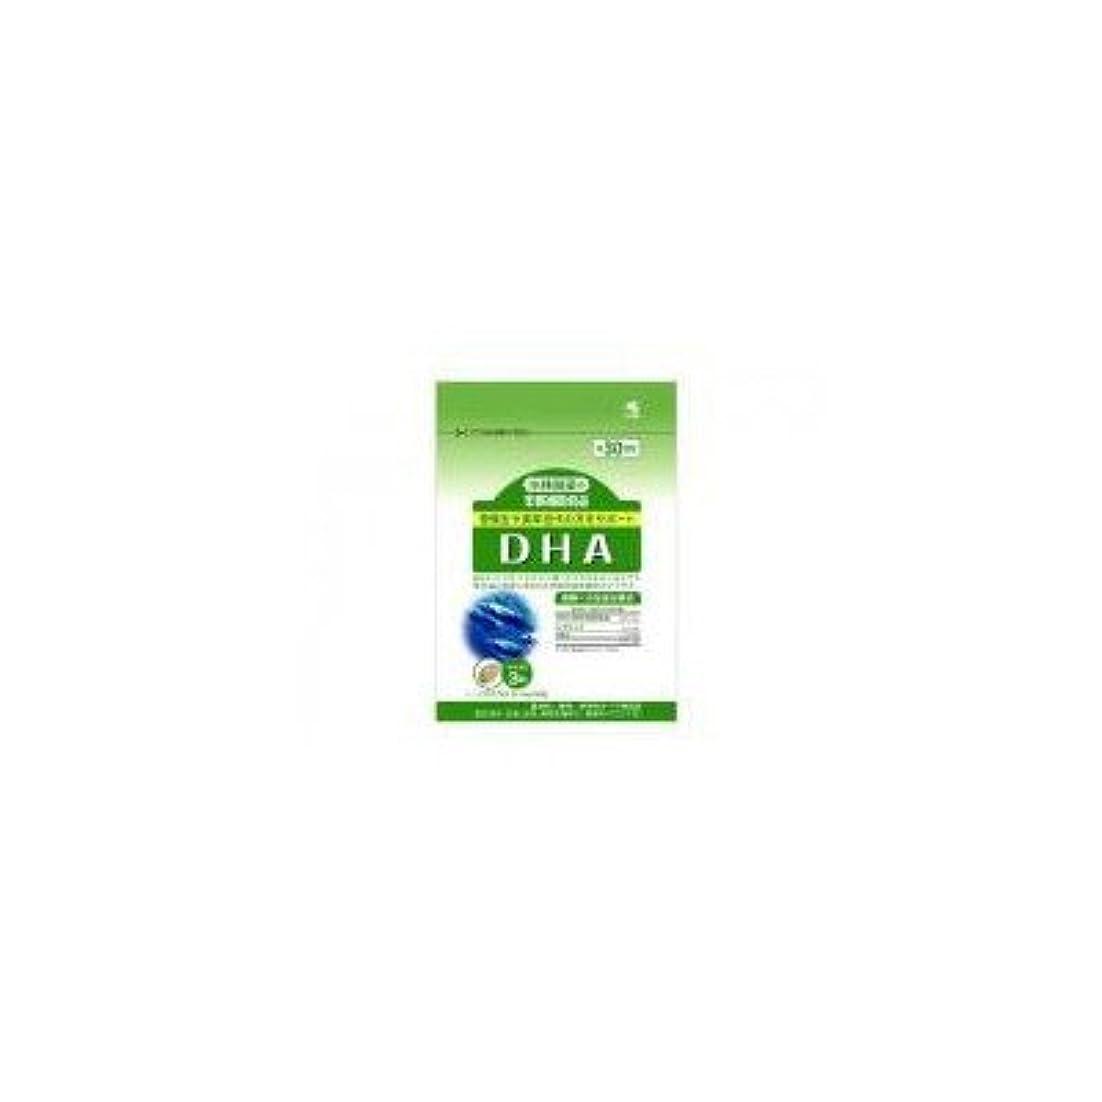 プライム内陸忘れられない小林製薬の栄養補助食品 DHA(90粒 約30日分) 4セット